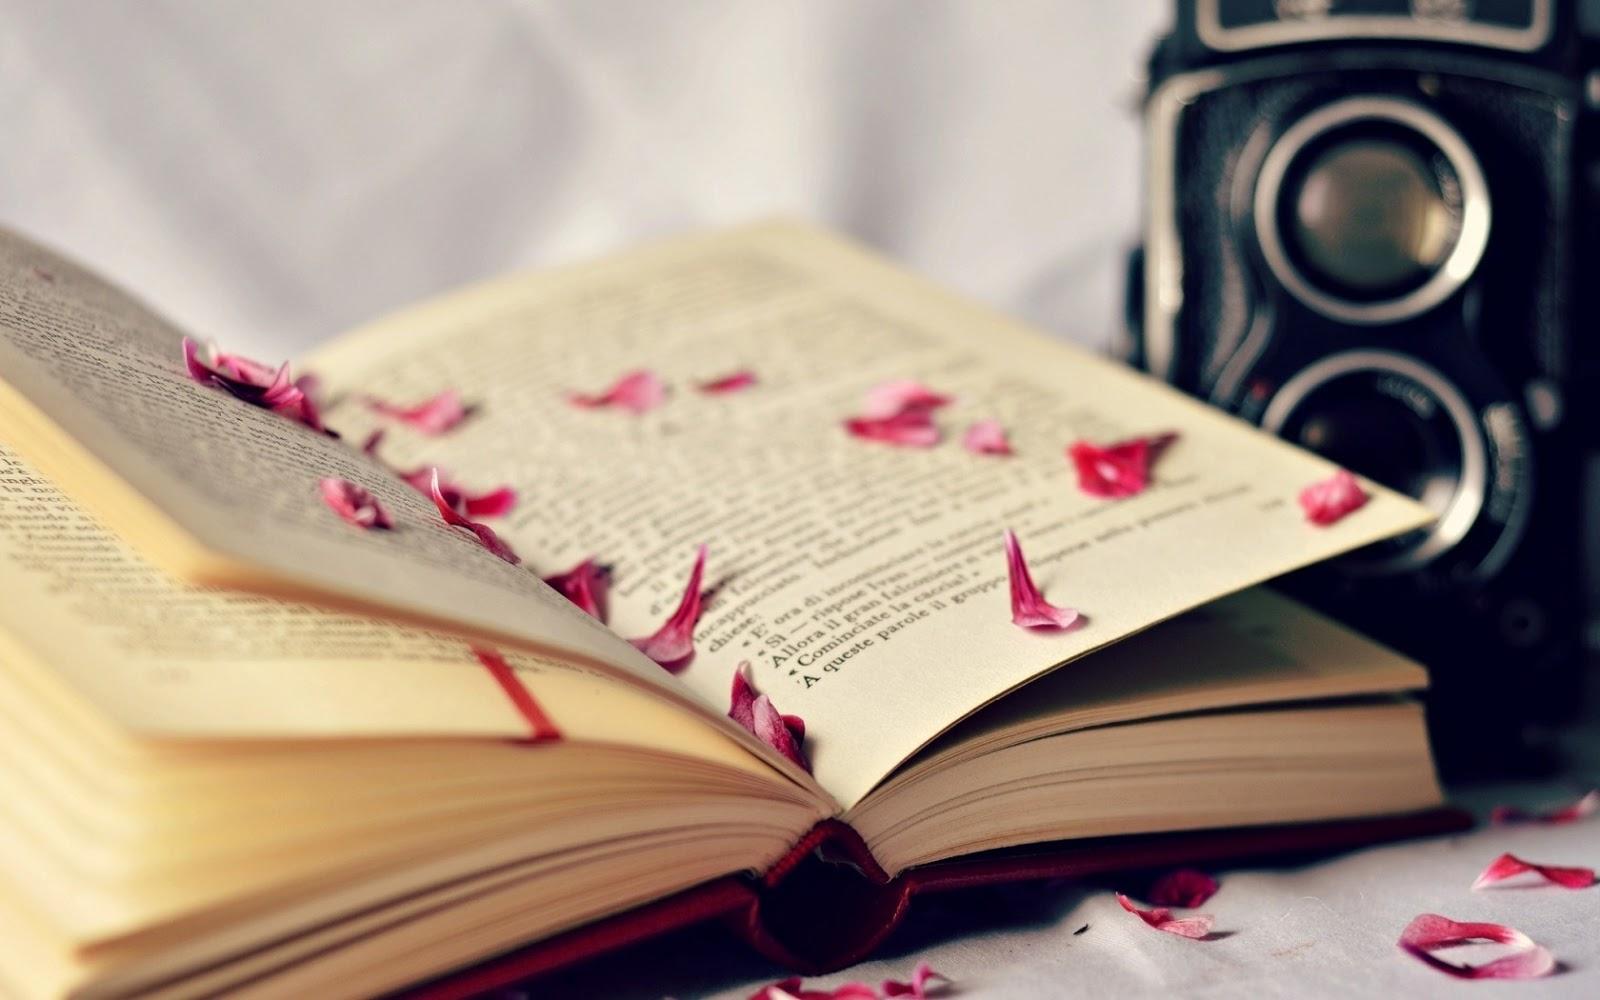 Nascemmo liberi. Con il convincimento che la lettura di un libro può cambiarti la vita